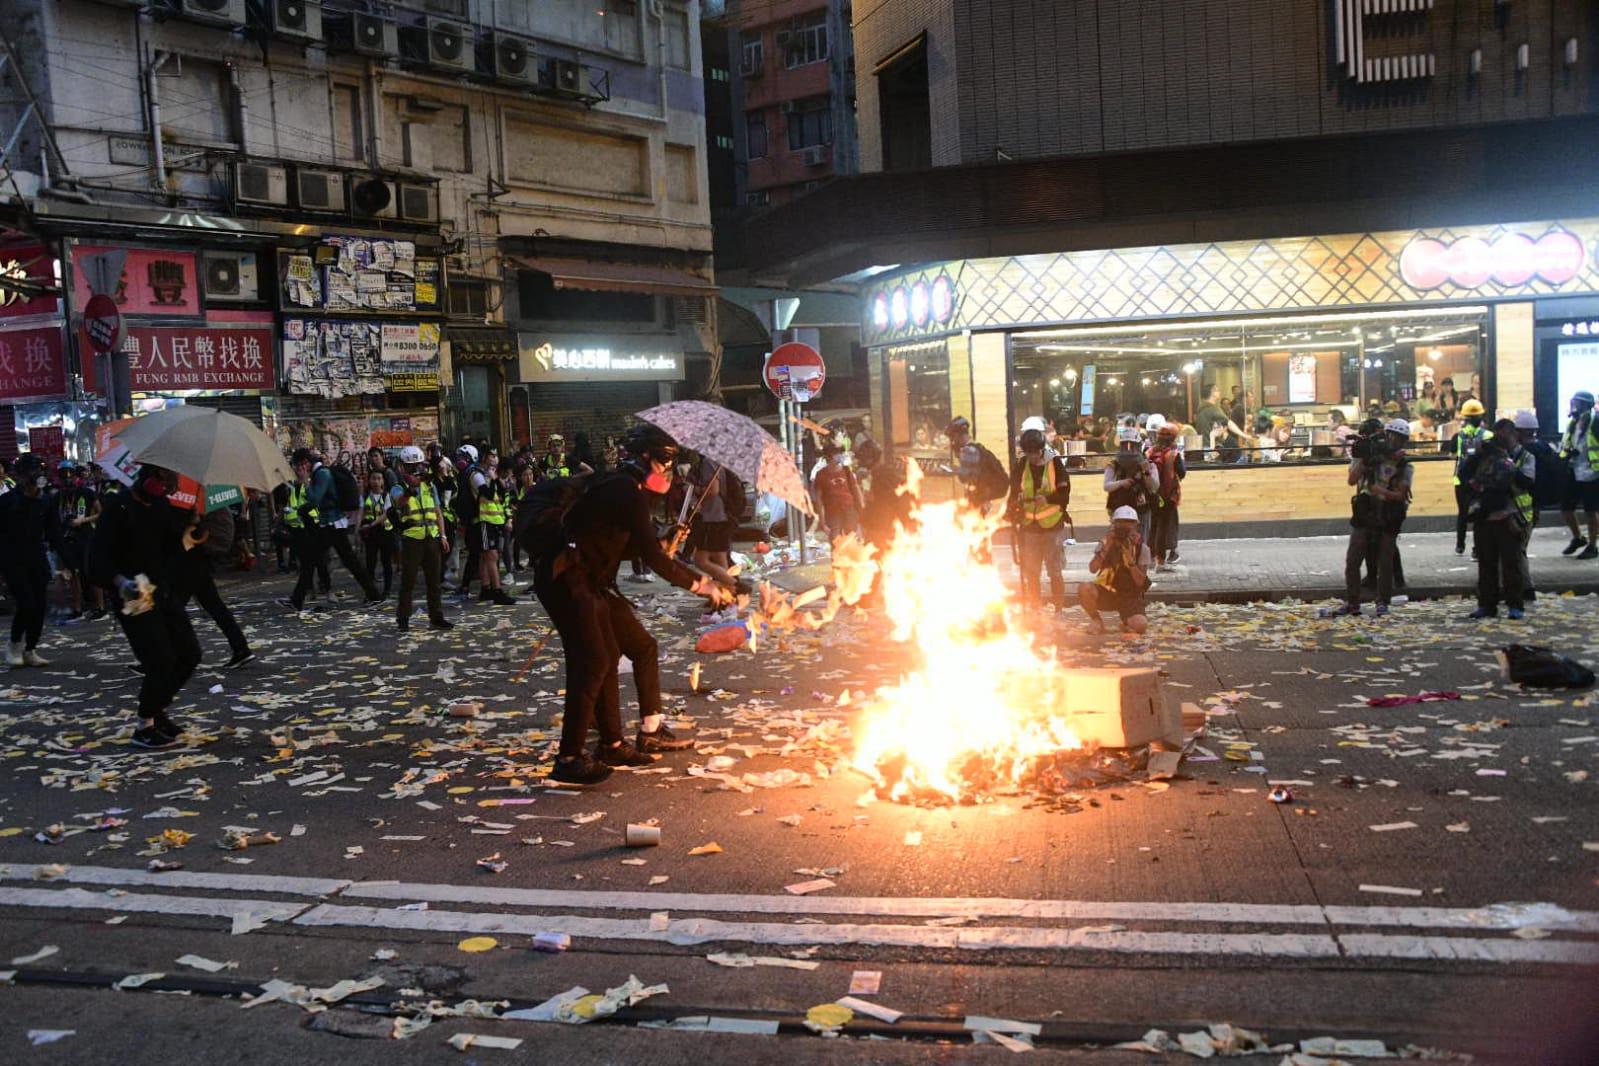 示威現場遺留大量垃圾。資料圖片